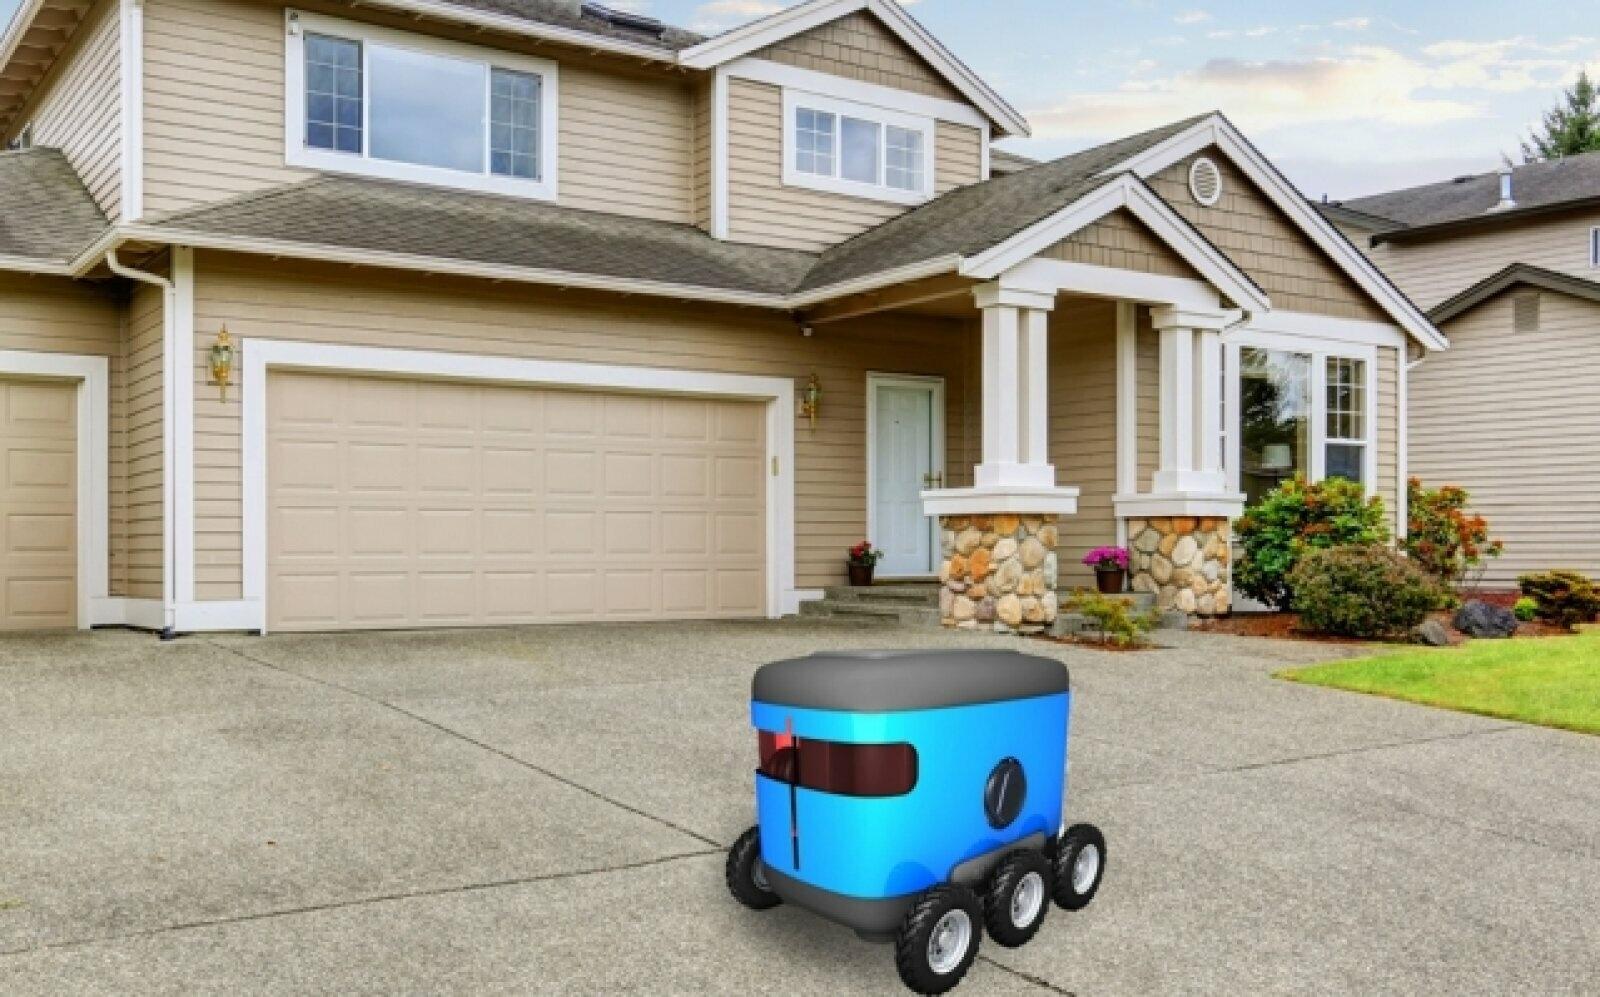 MIT и Ford представили новый метод навигации для роботов-курьеров